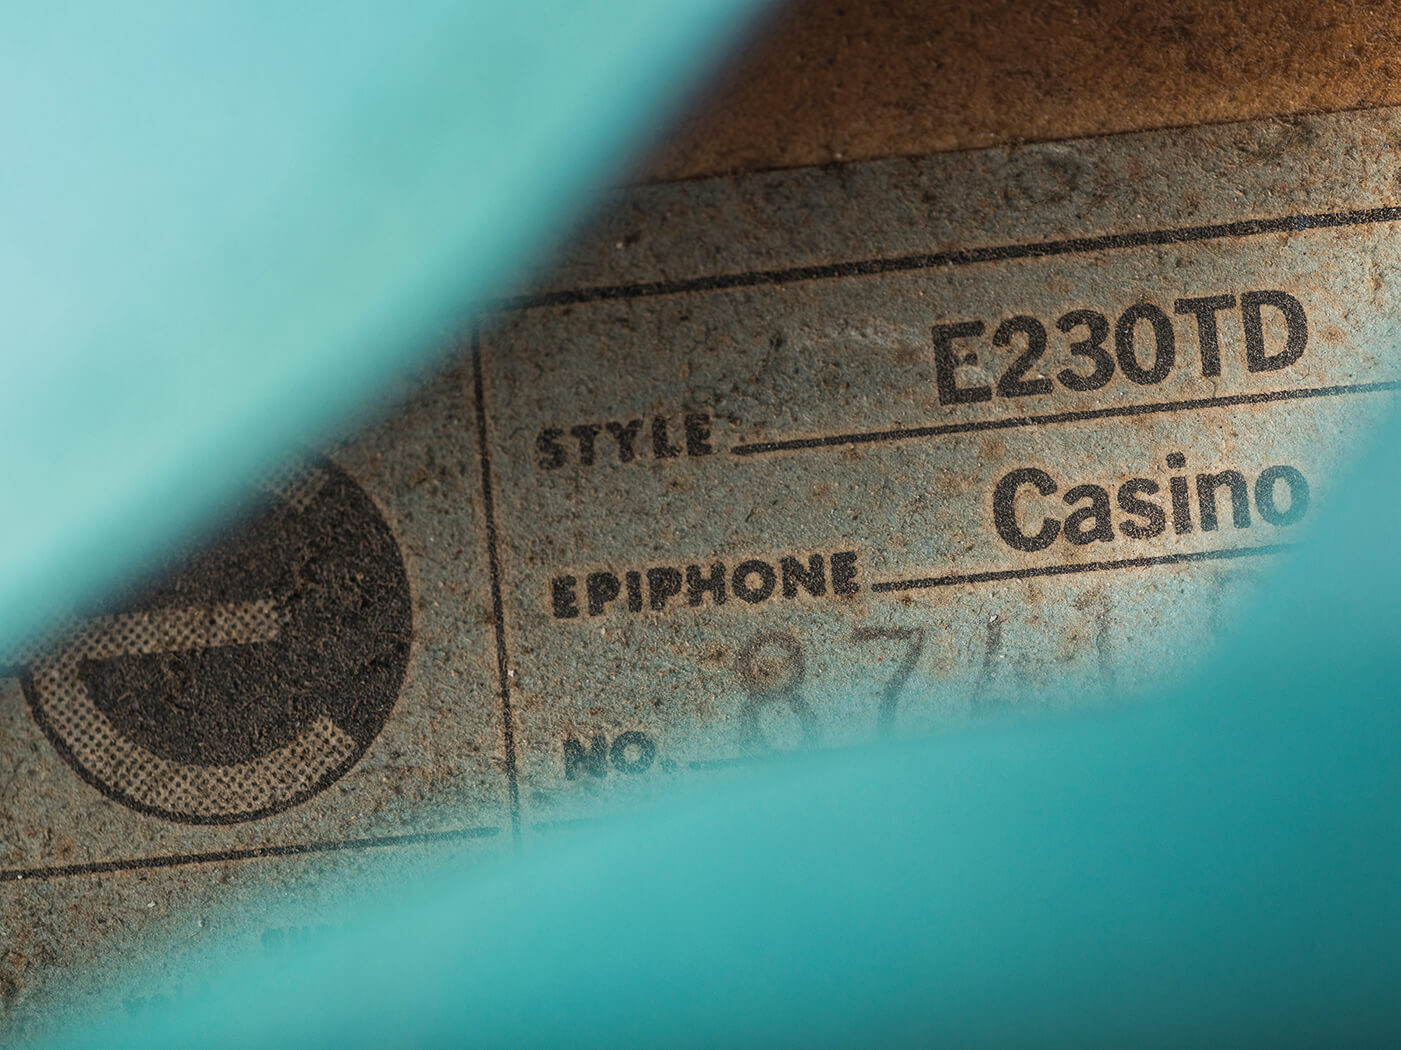 VBT Epiphone 1967 Pelham Blue label